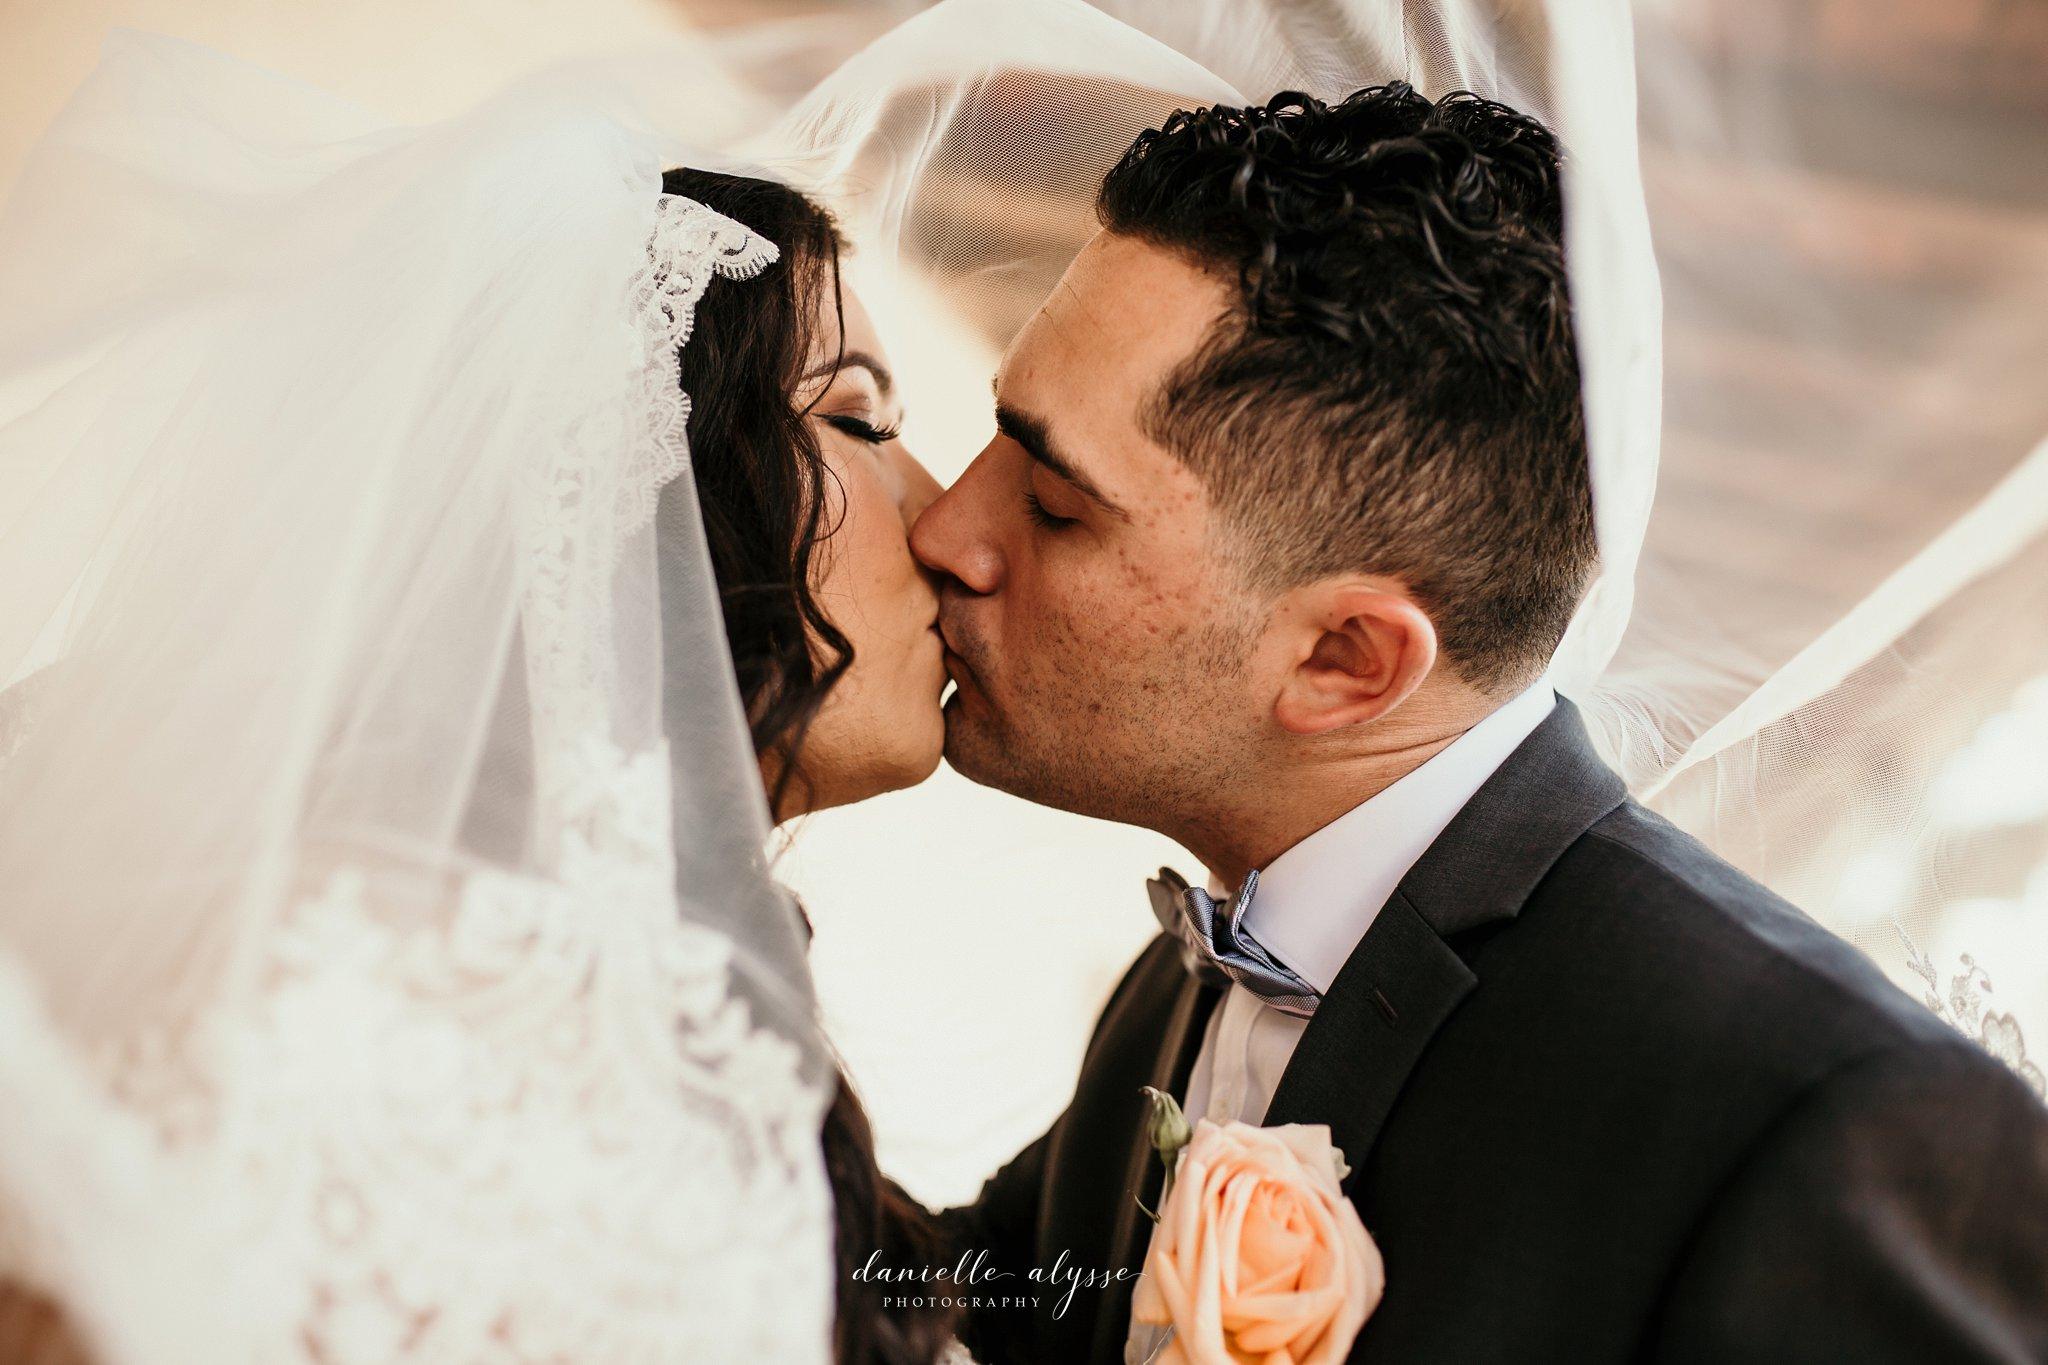 180630_wedding_lily_ryan_mission_soledad_california_danielle_alysse_photography_blog_658_WEB.jpg